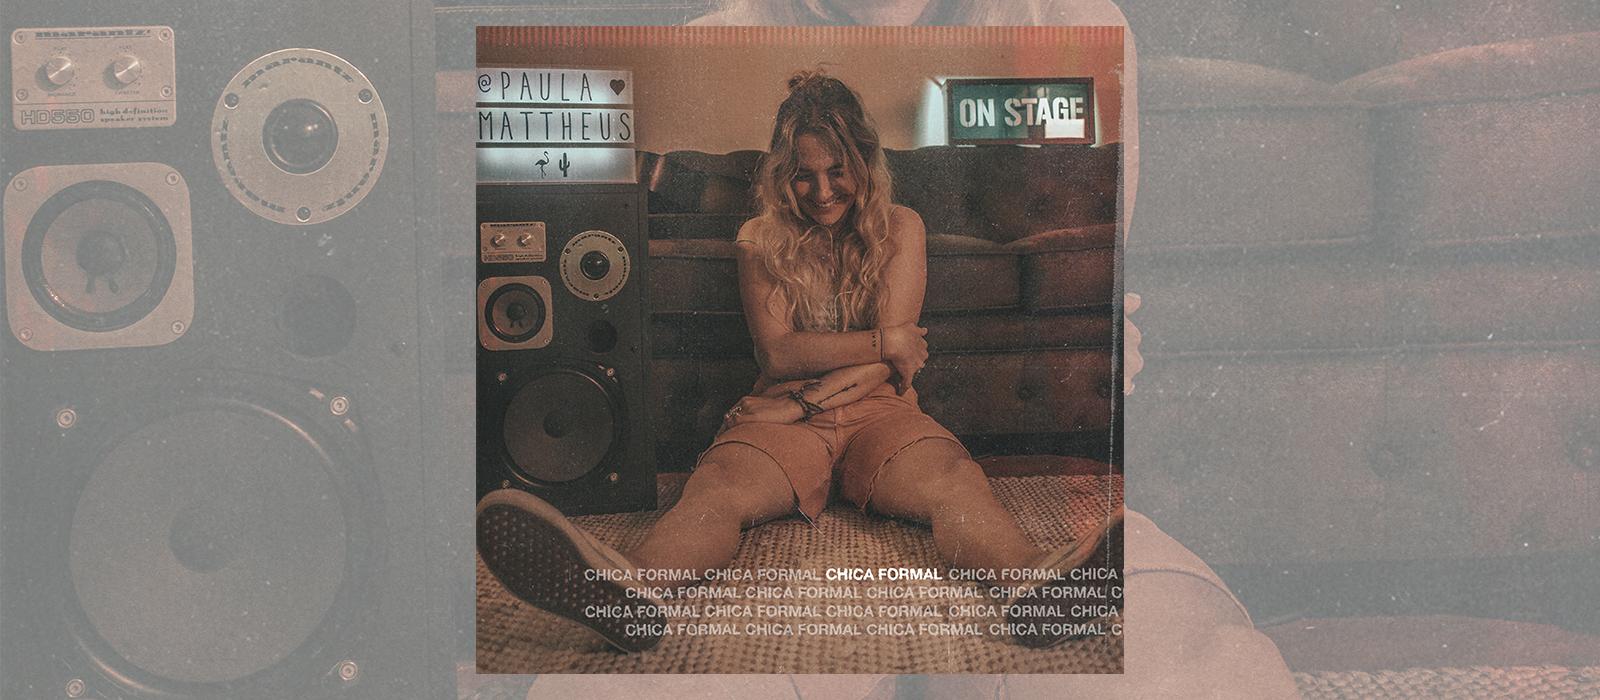 Gran semana para la joven cantautora Paula Mattheus: estrena nuevo single y regresa en concierto a Madrid